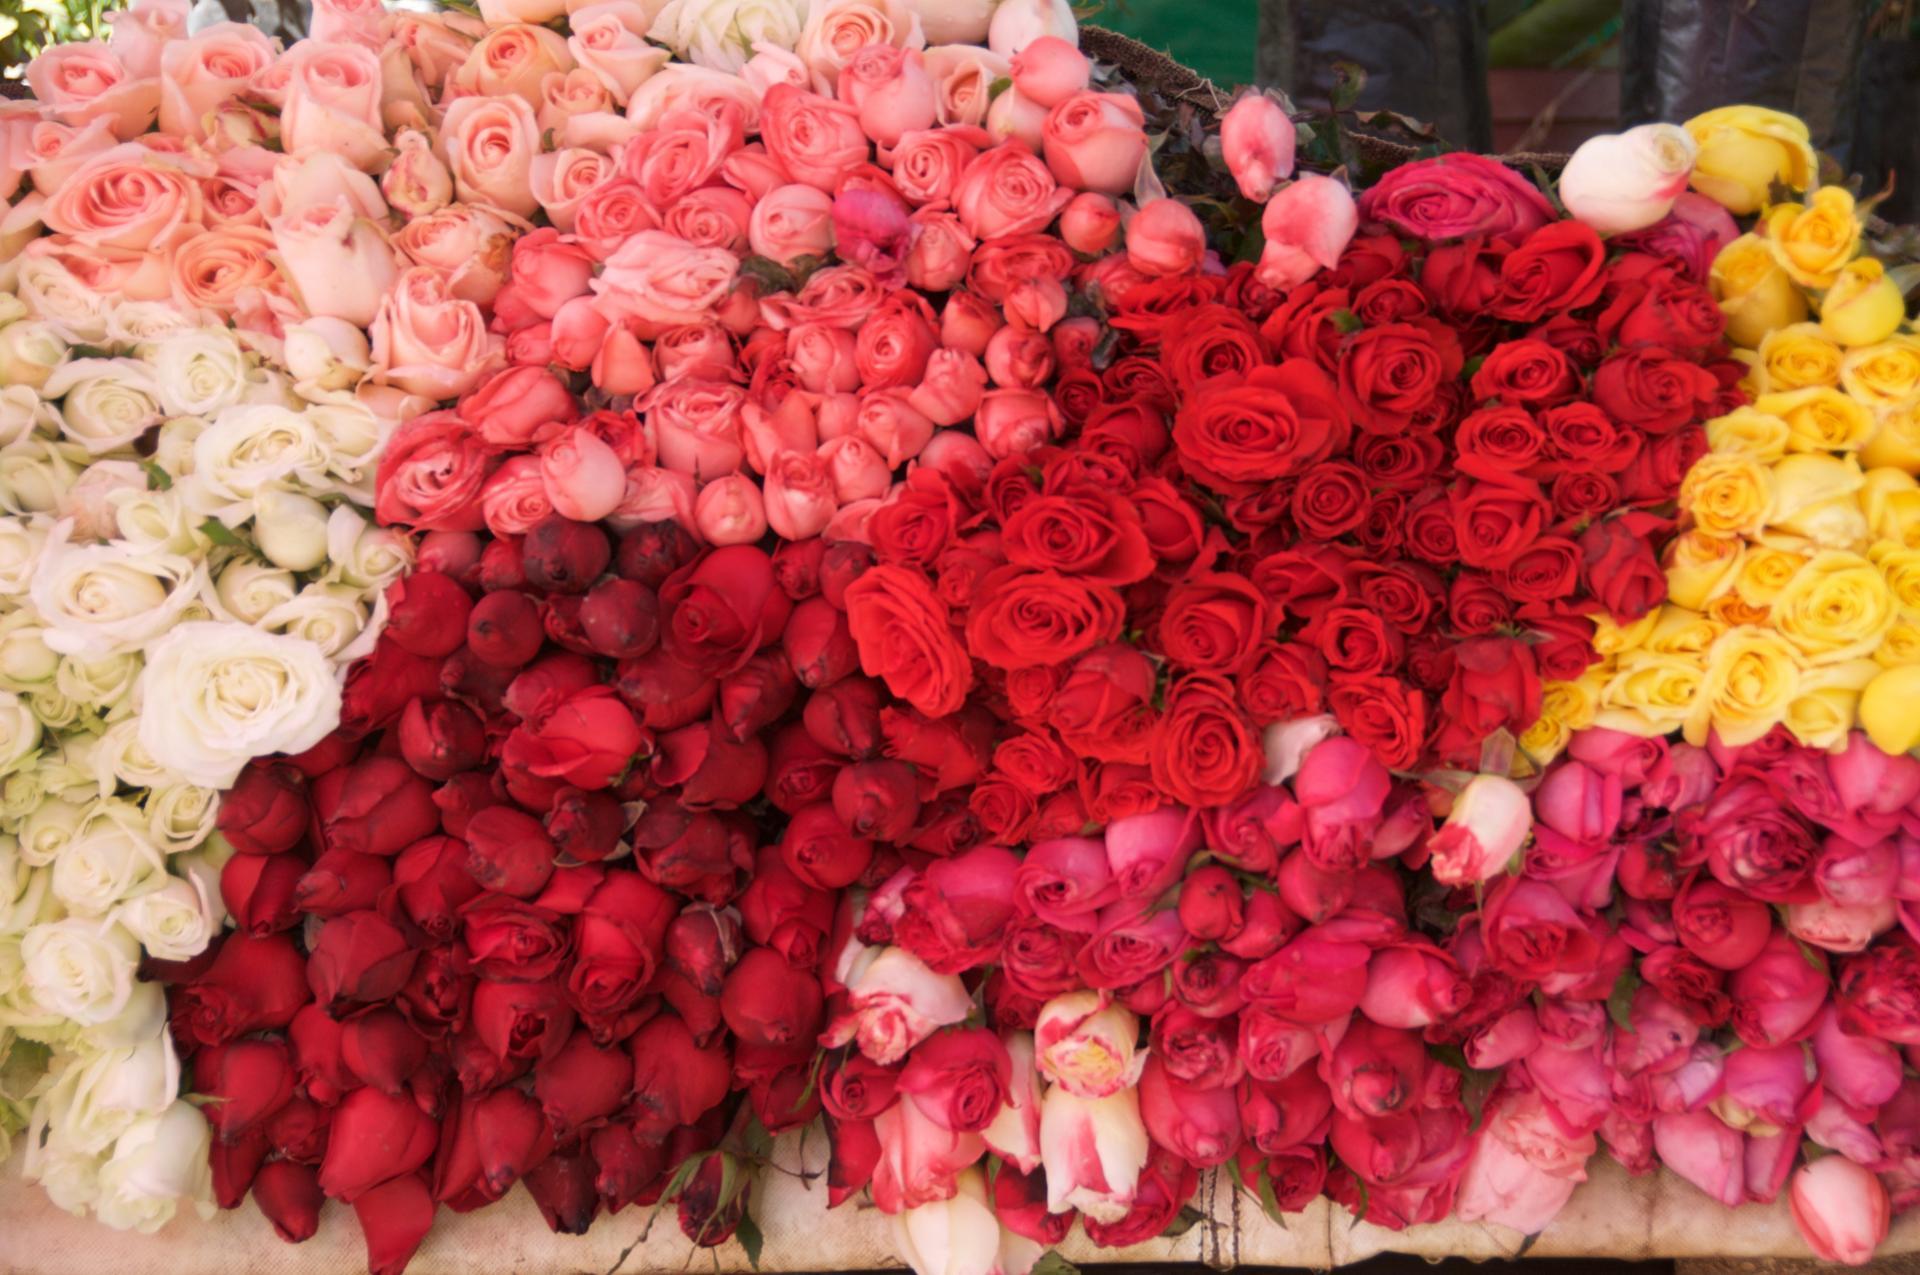 Marché aux roses